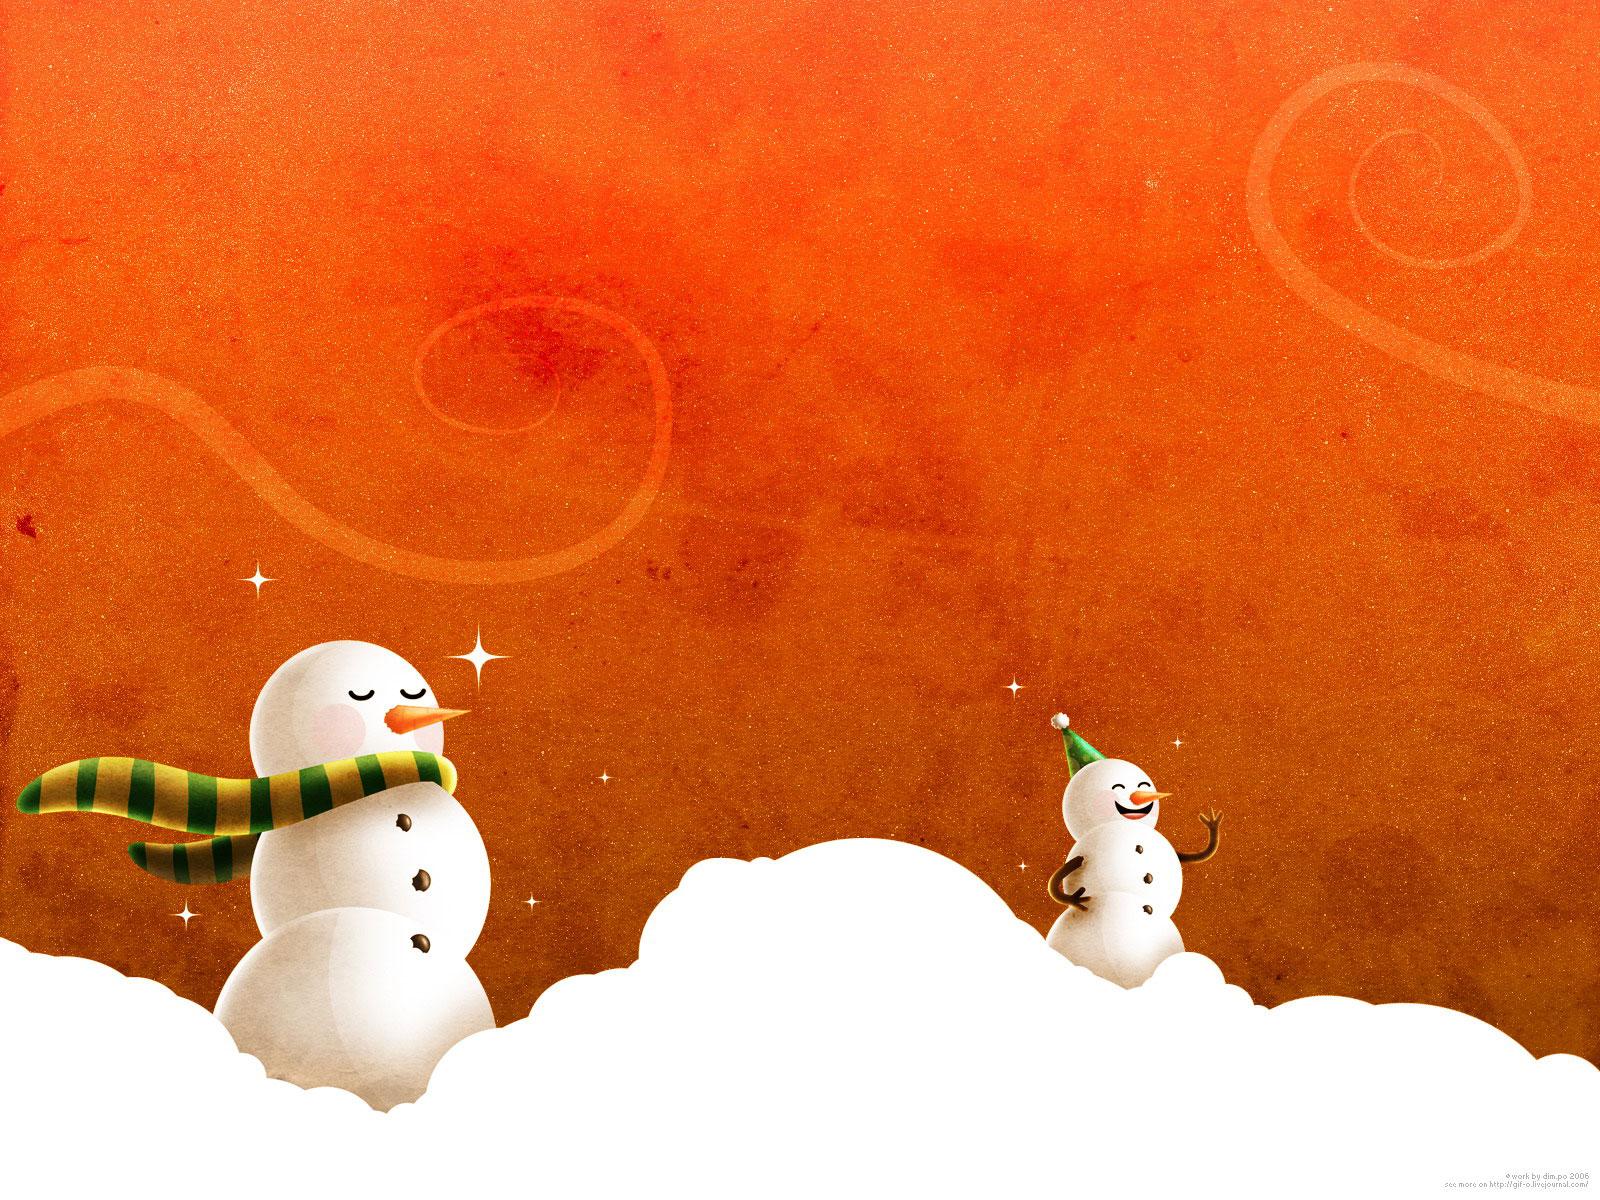 http://2.bp.blogspot.com/-1OpVQVOMCIM/UNFzgY-hJII/AAAAAAAACv4/OpbxZgQRq1I/s1600/christmas-pc-wallpaper.jpg